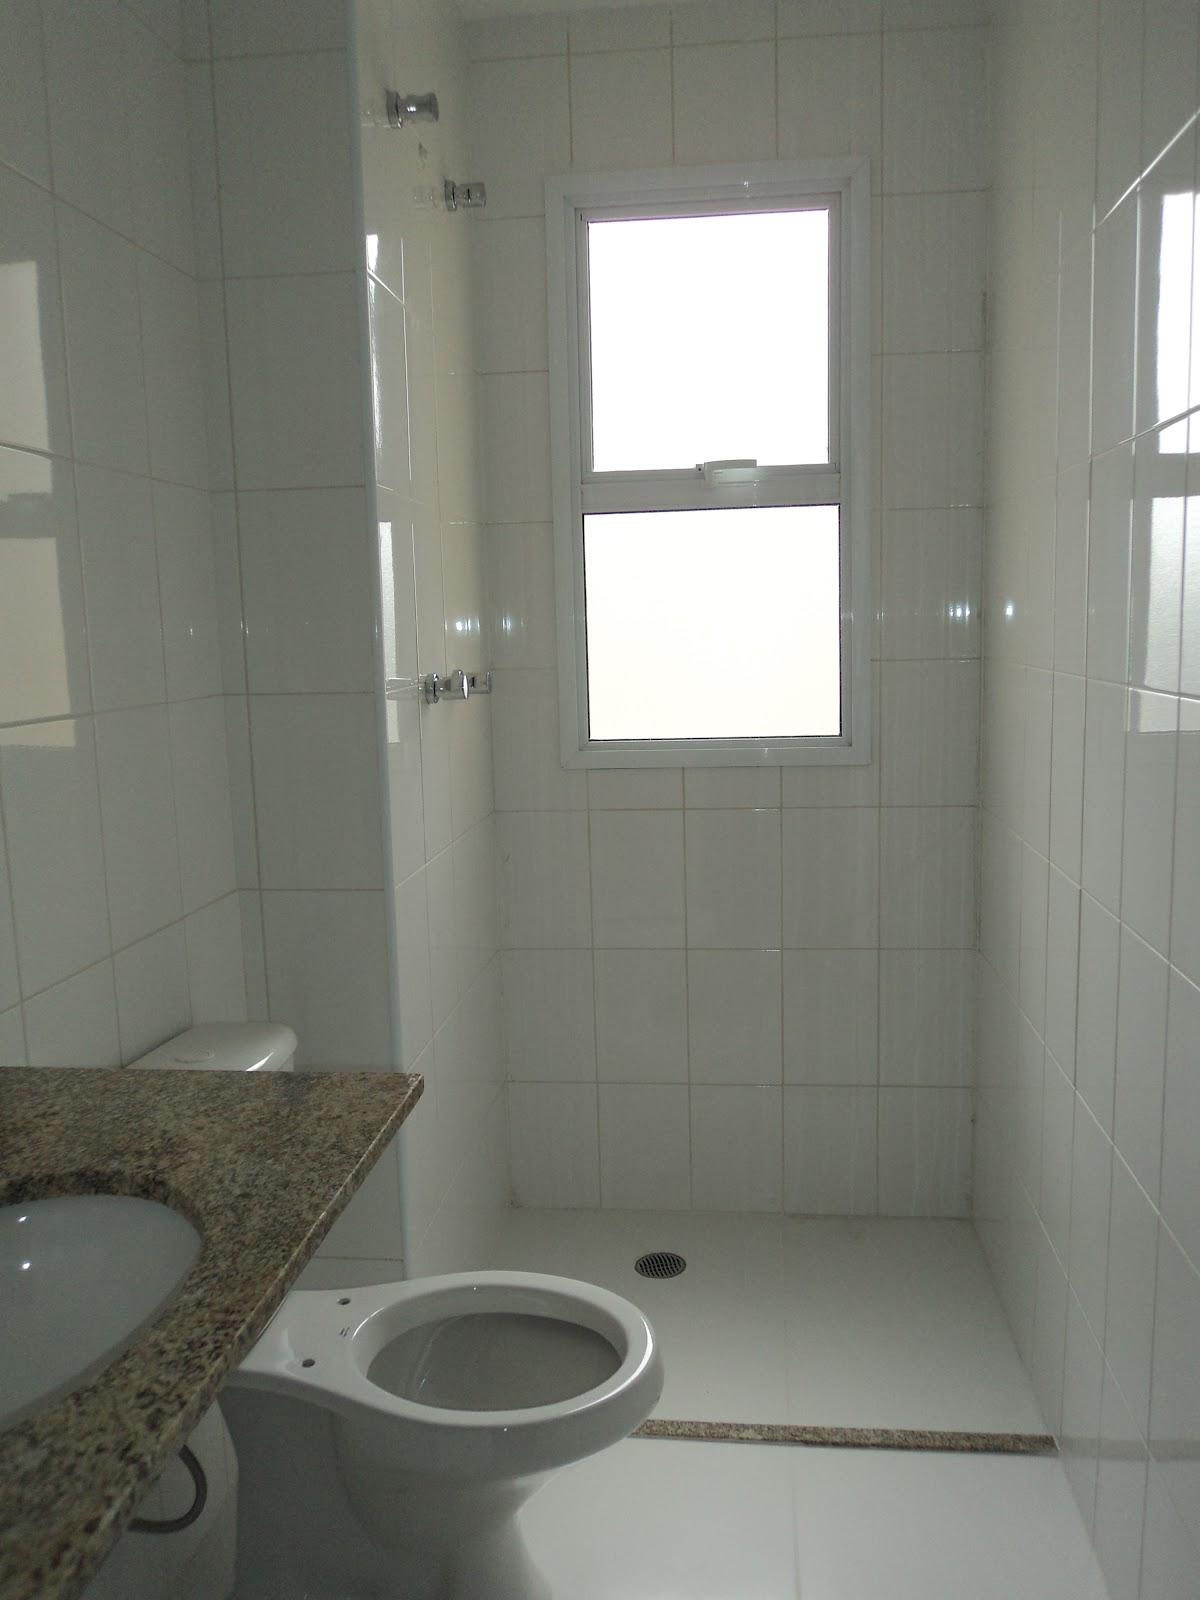 banheiro da suíte era revestido em azulejos brancos com bancada em  #575243 1200x1600 Banheiro Azulejo Pastilha